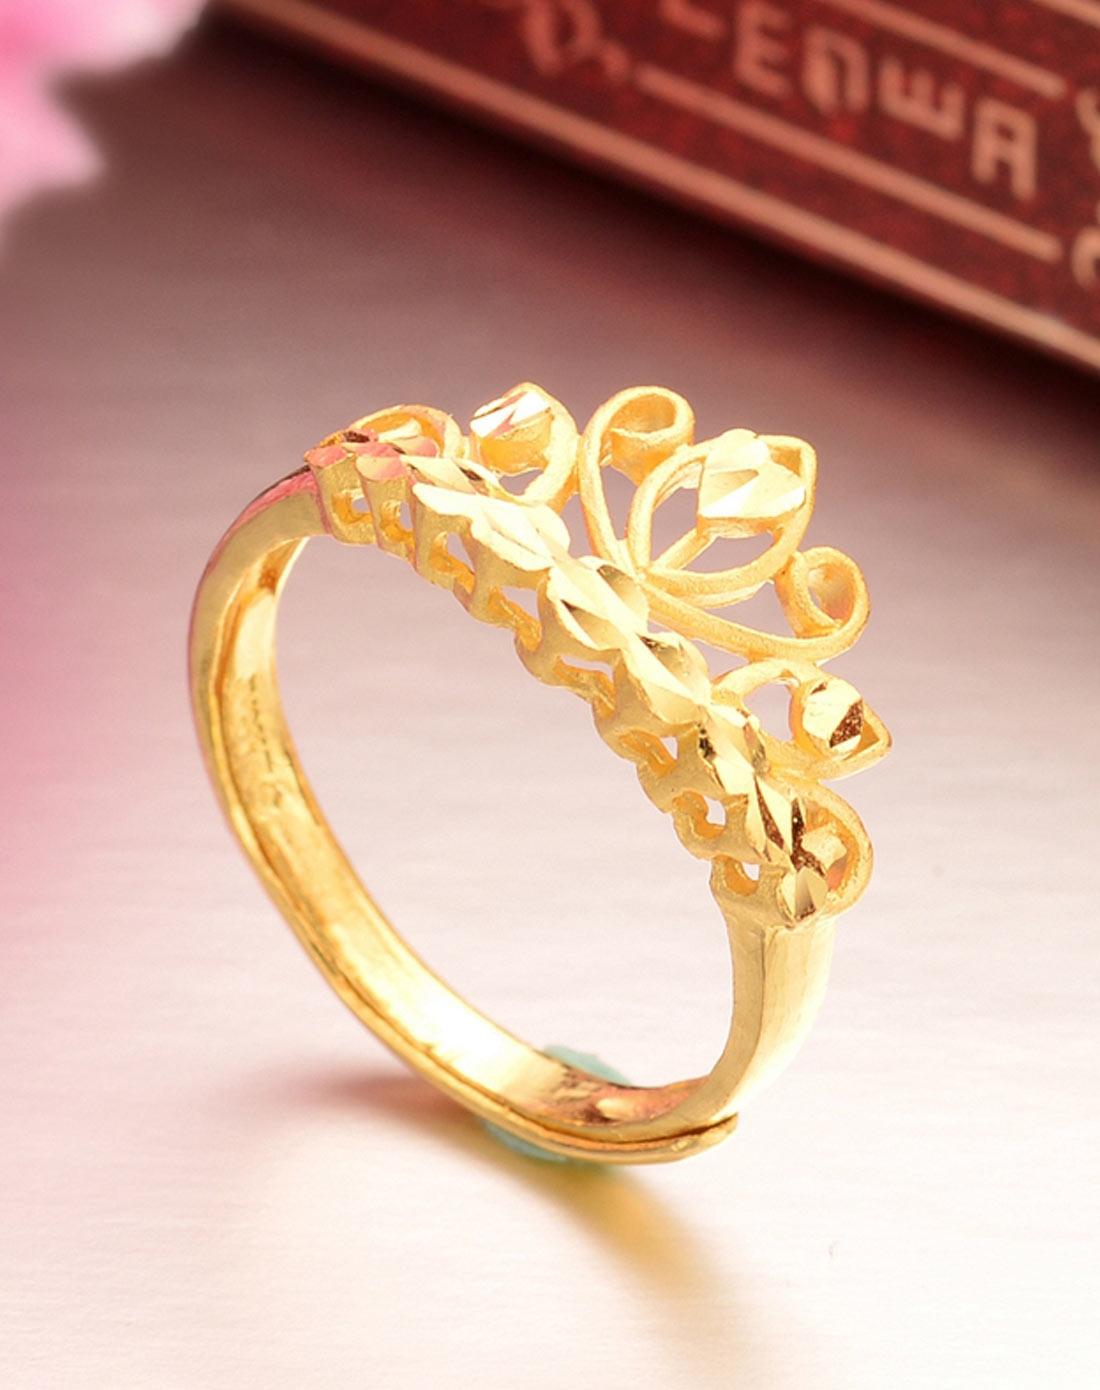 戒指上千足金的标志是什么